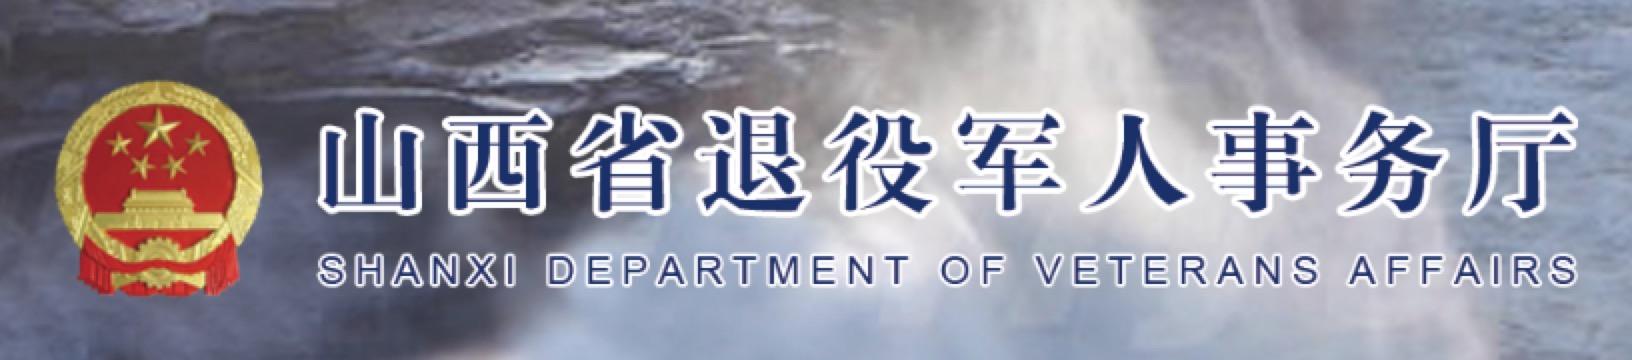 山西省退役军人事务厅